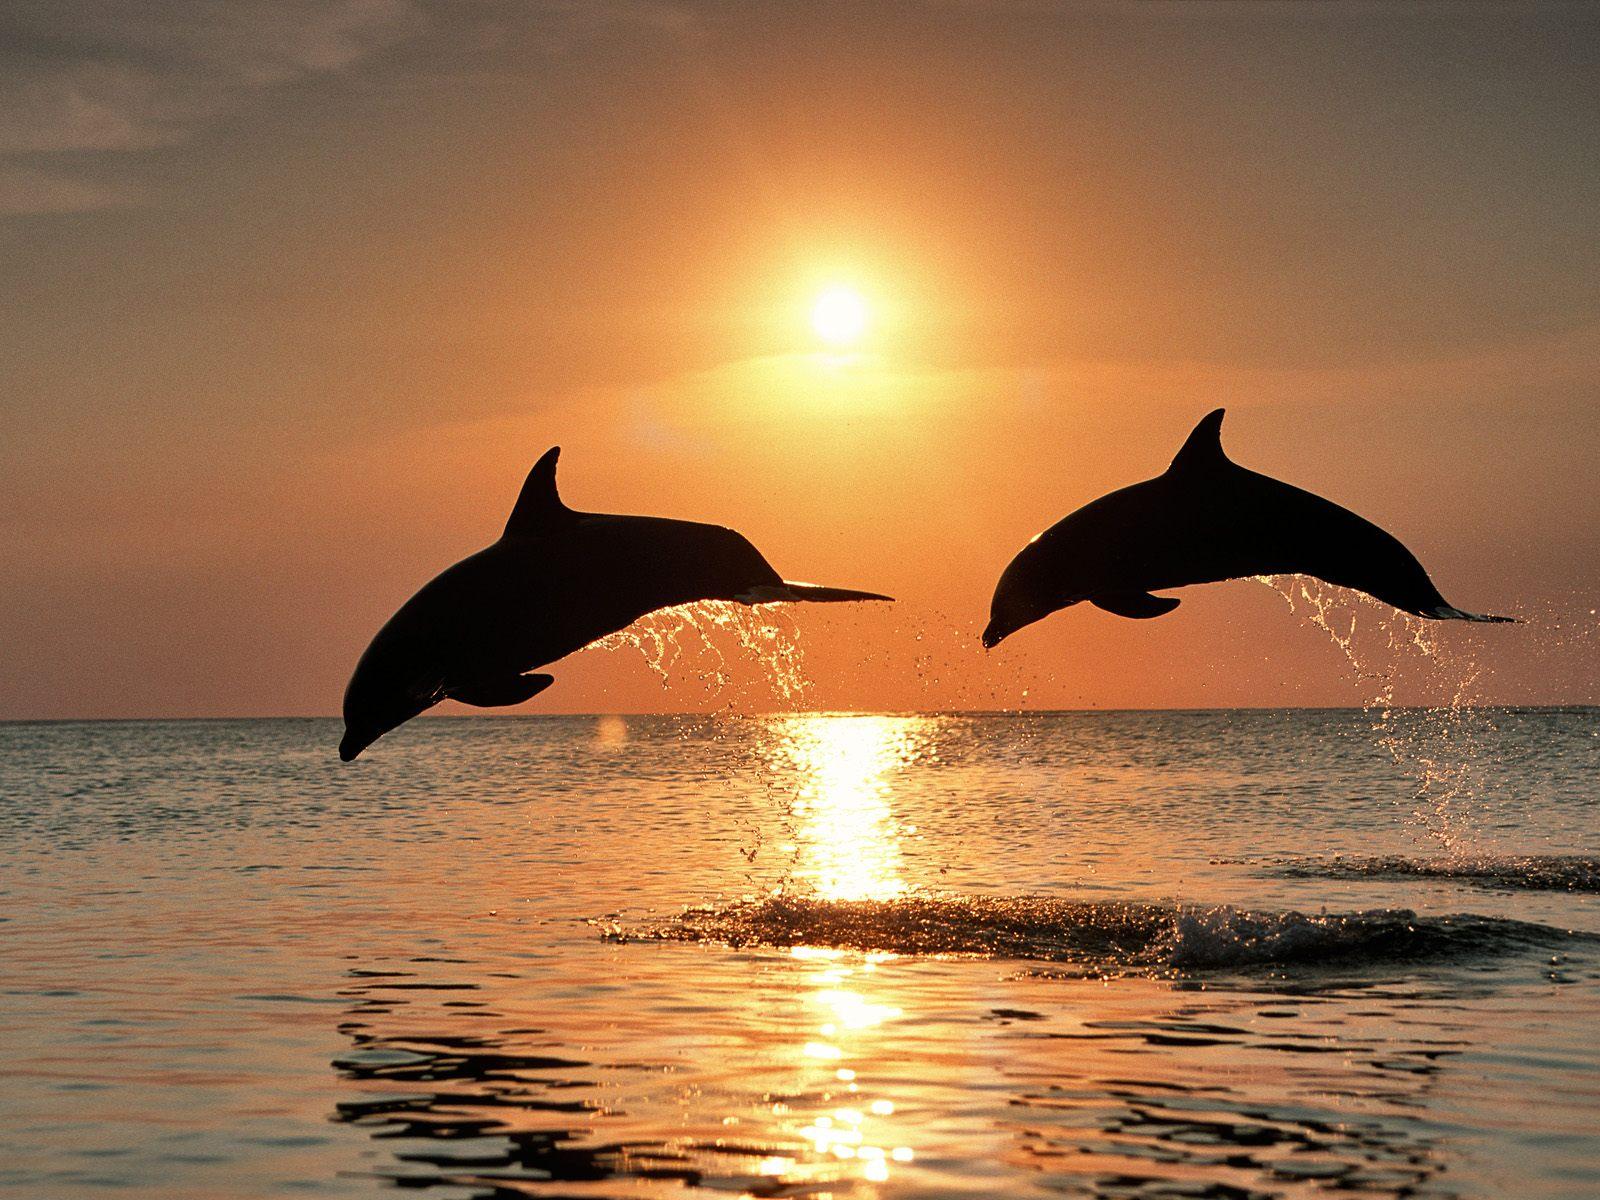 صوره صورة جميلة , اجمل الصور من العالم